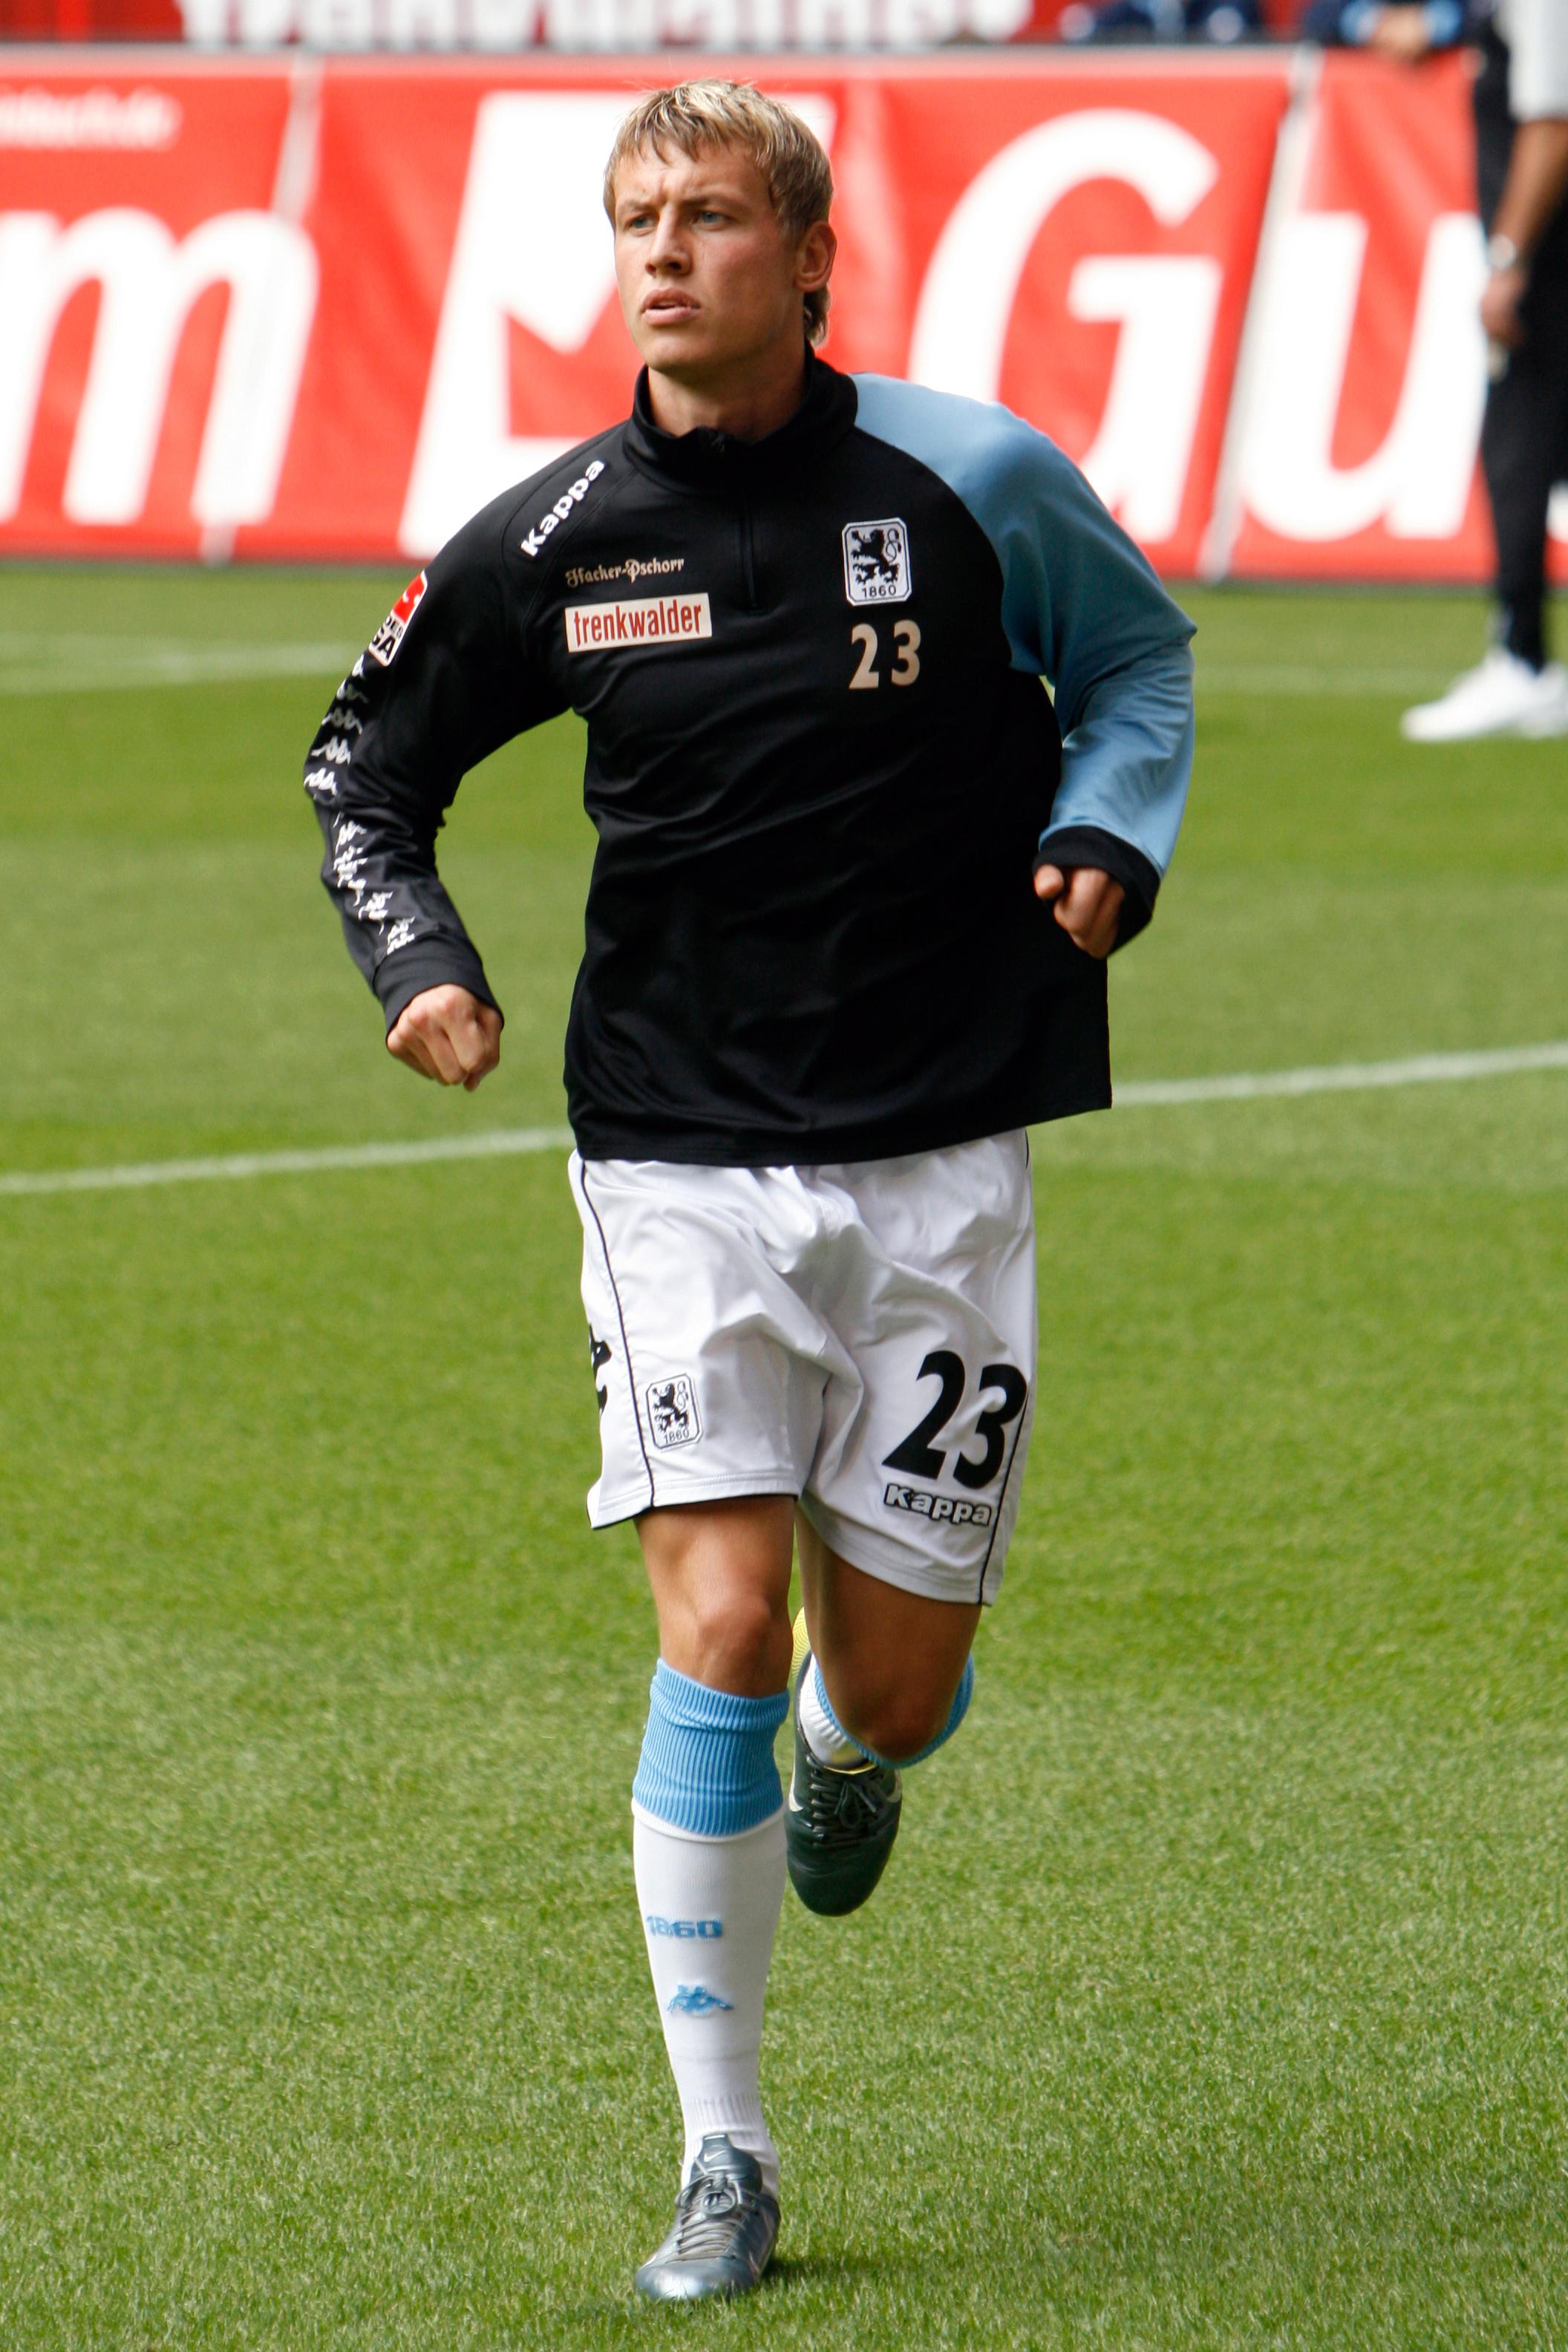 Benjamin Schwarz bei Aufwärmen vor dem Spiel 1860 - Koblenz am 30.September 2007